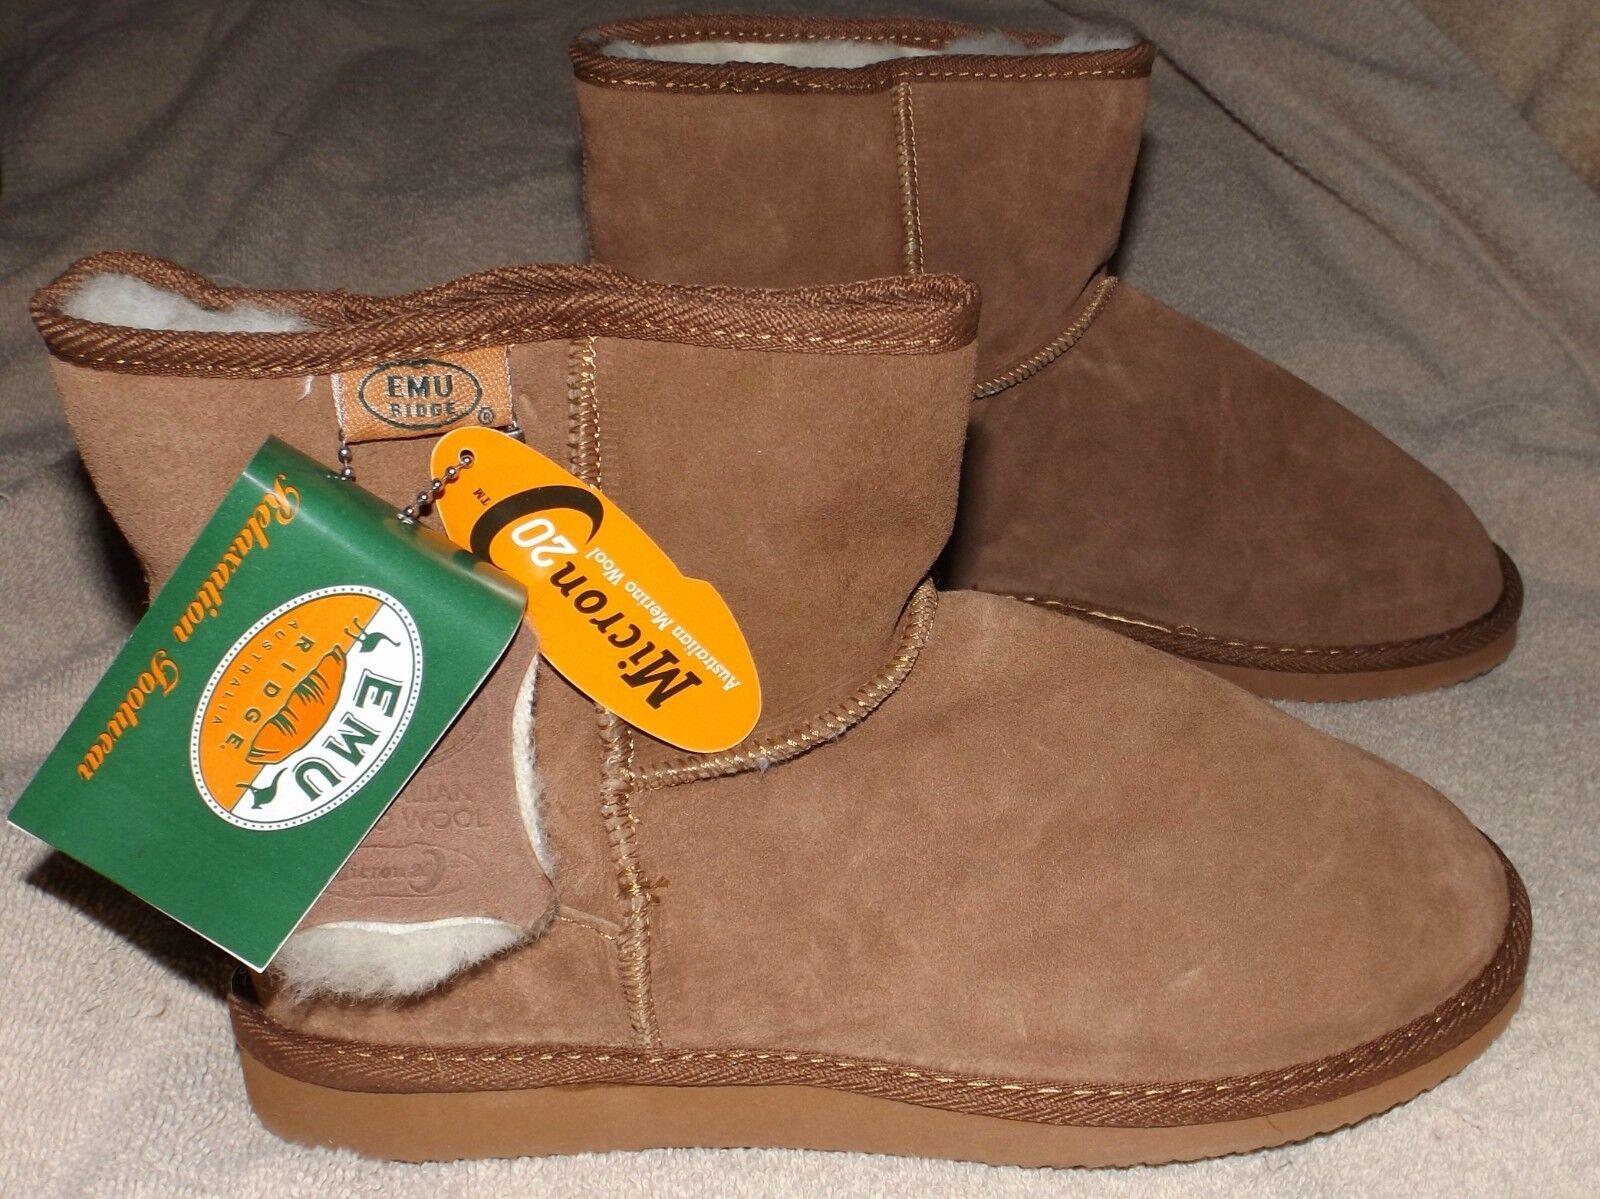 EMU Ridge  Chestnut Coloreeosso Suede stivali  economico in alta qualità